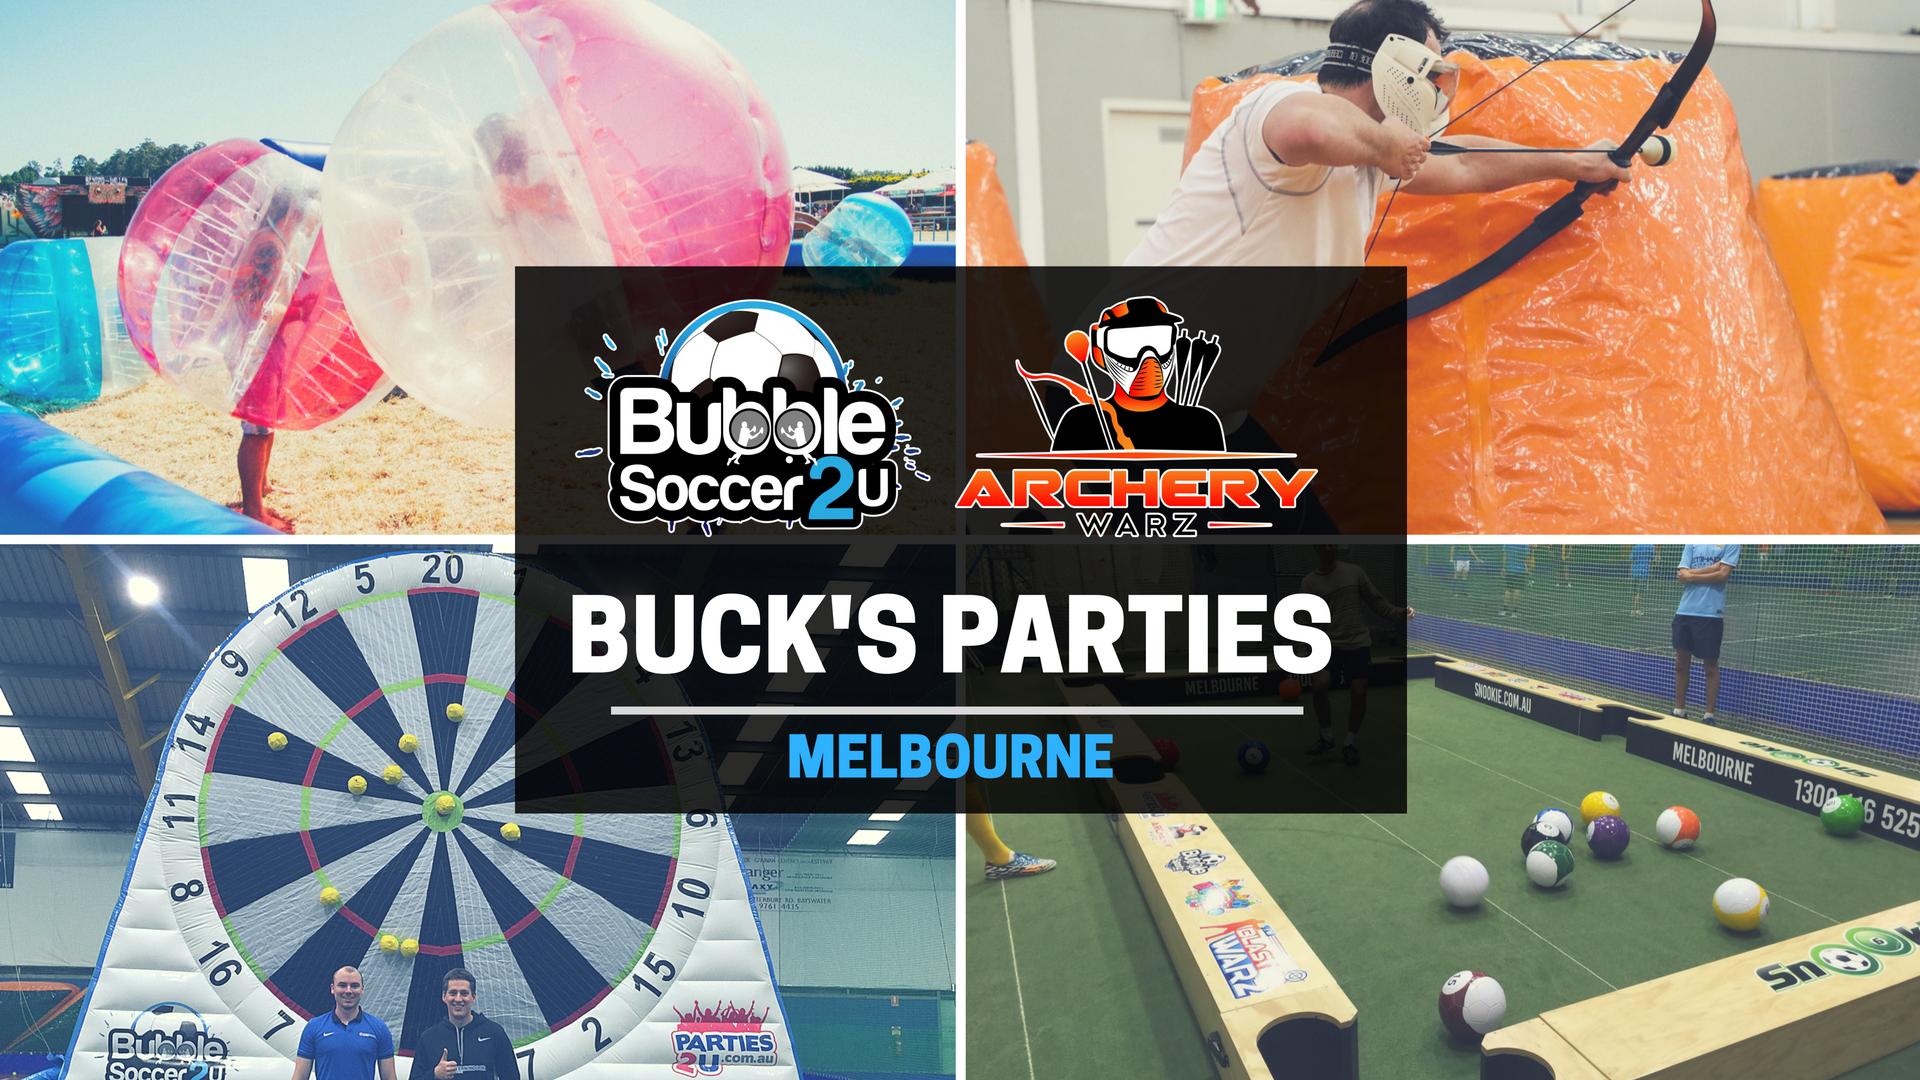 Bubble Soccer 2u Mobile Parties Amp Events Melbourne